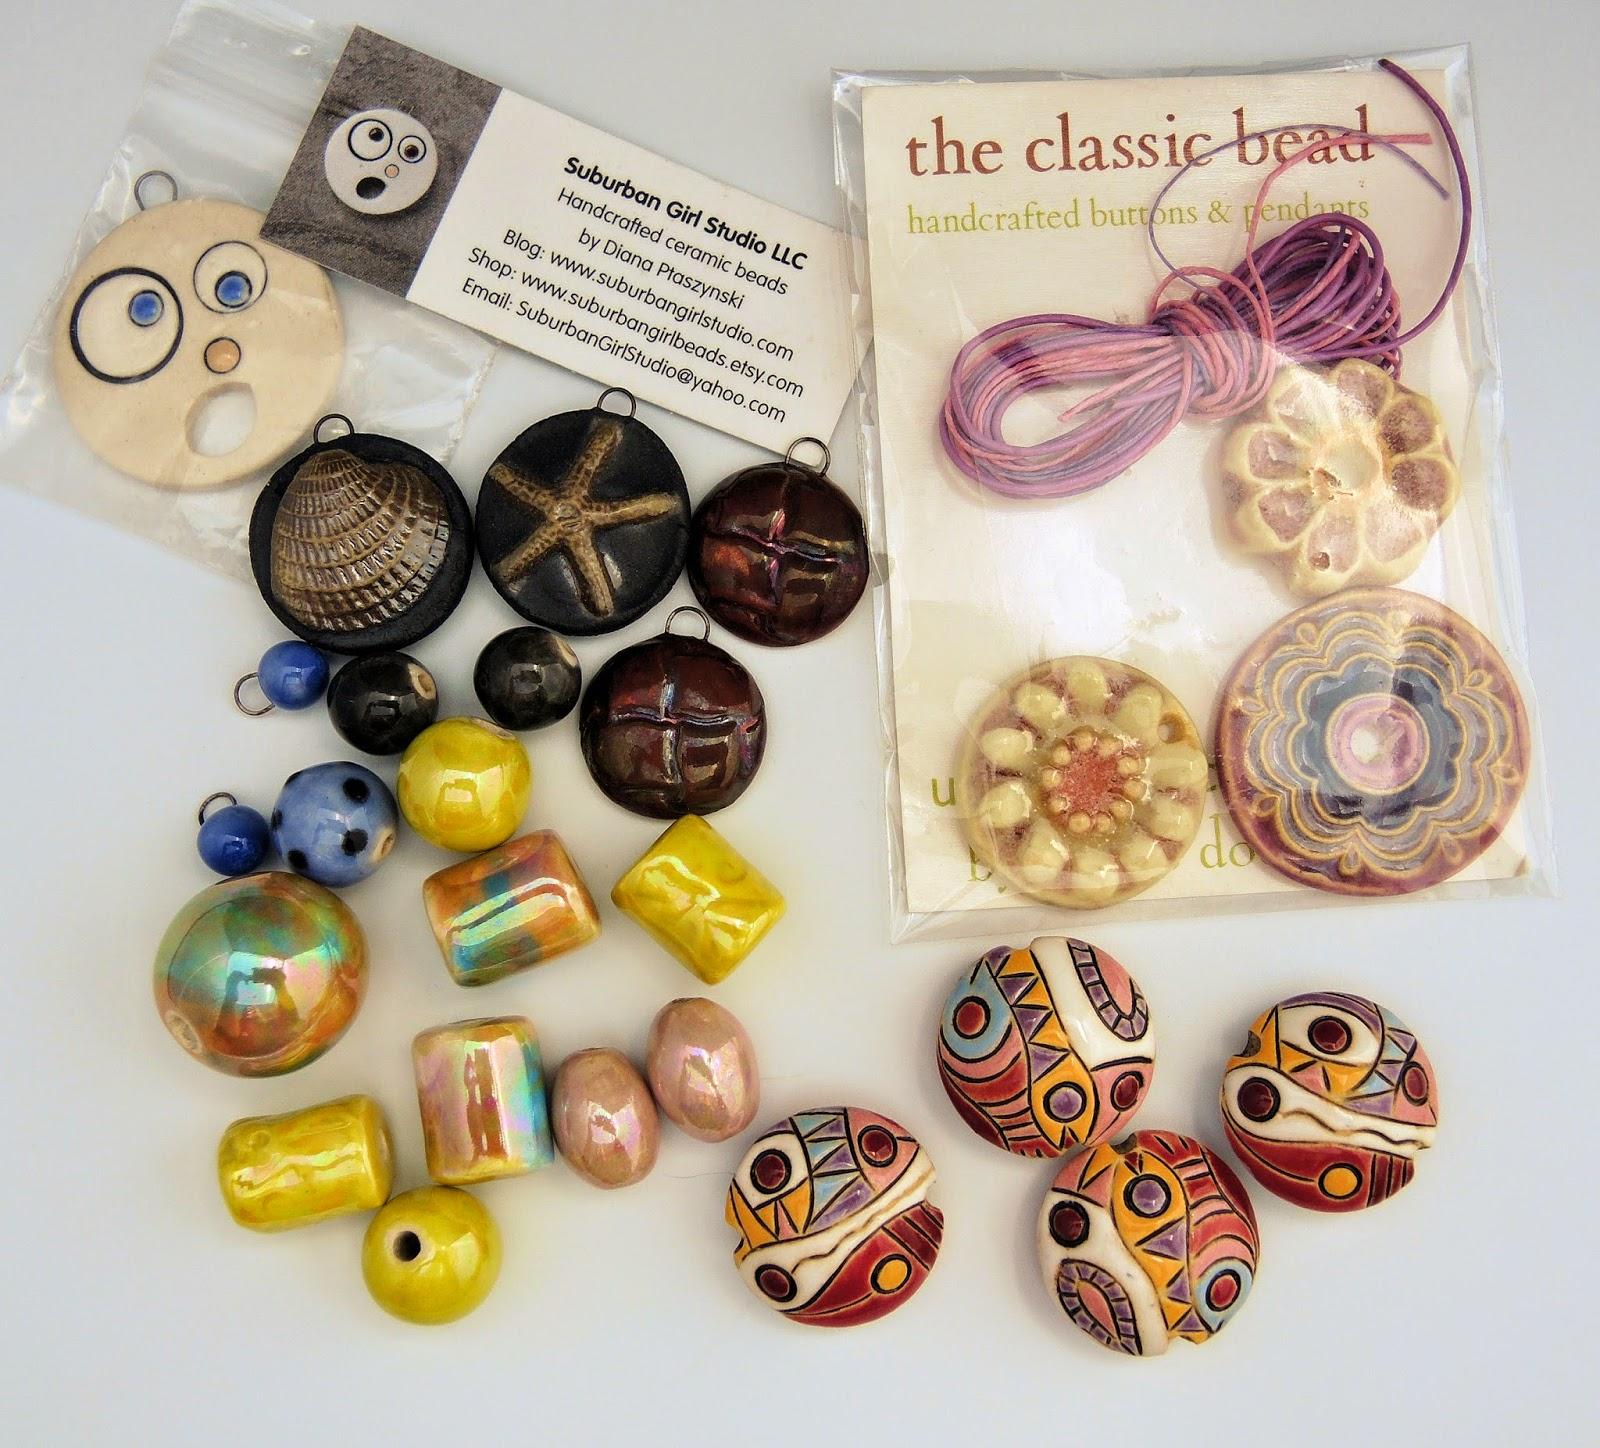 Beads by Golem Studio, Beada Hendrix, Classic Bead and Suburban Girl